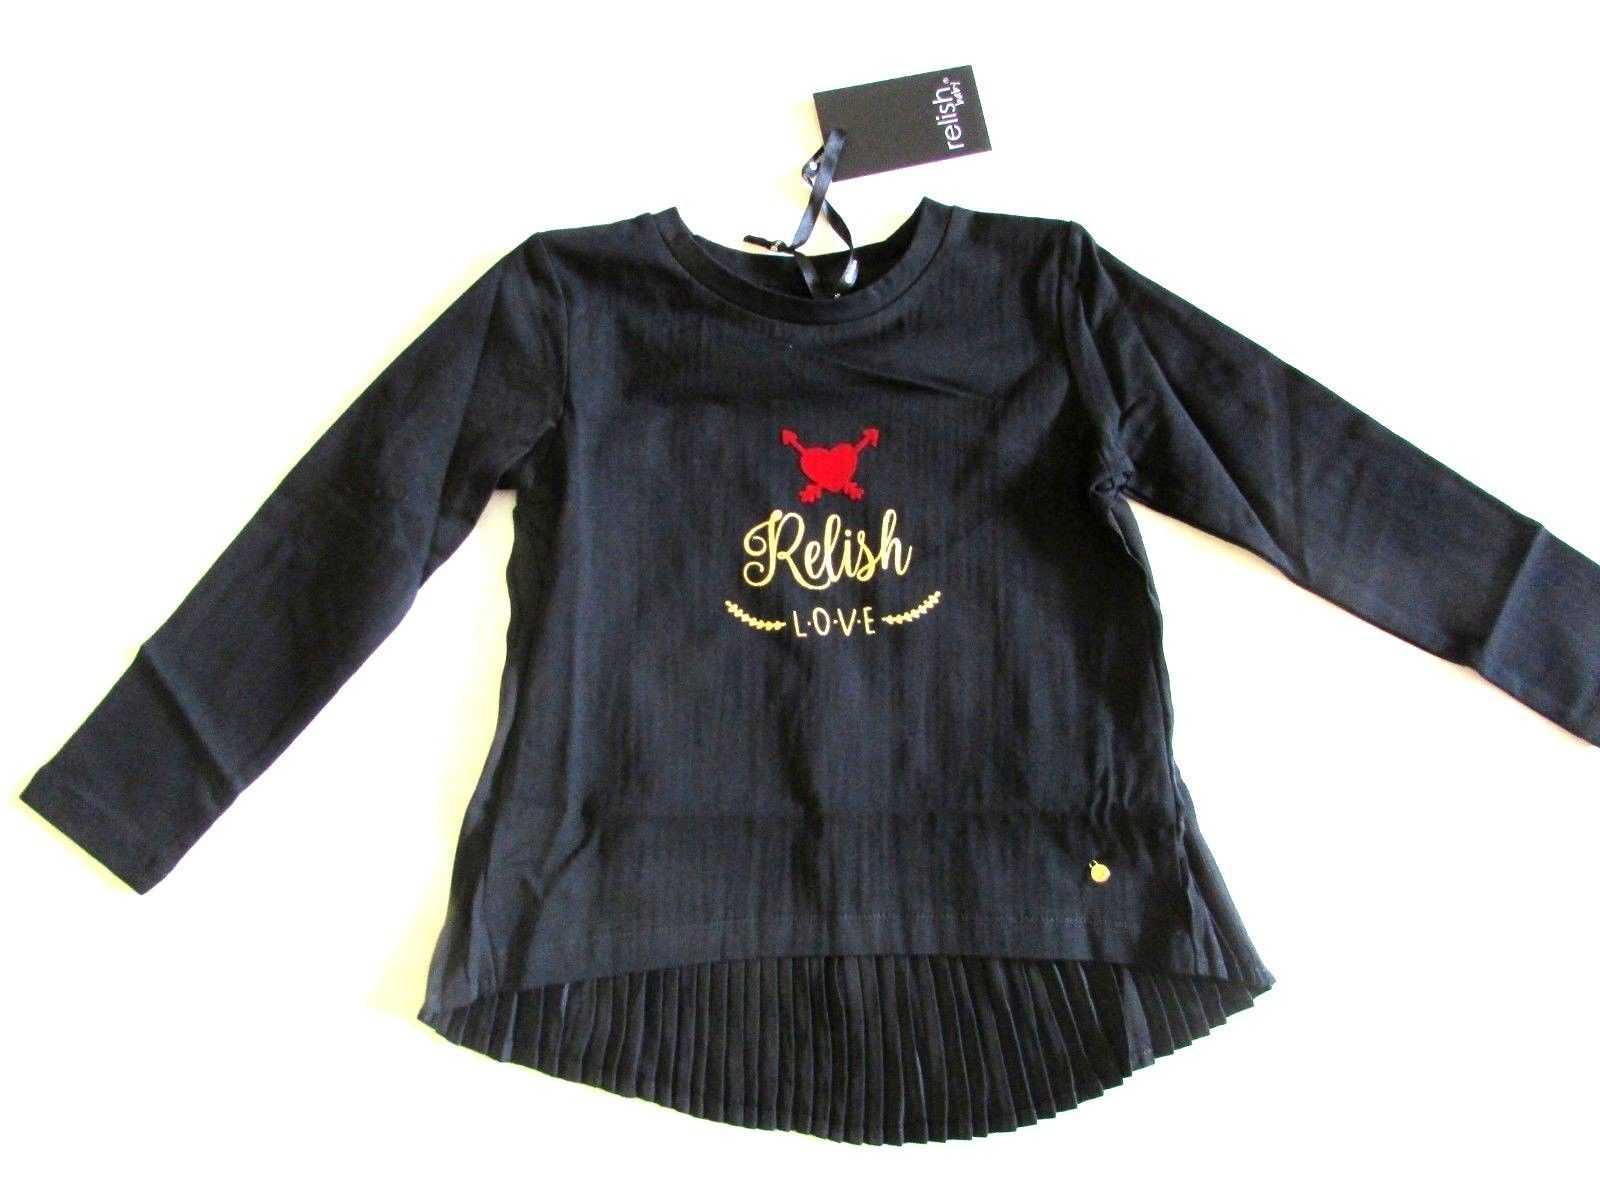 RELISH GIRL T-SHIRT MAGLIA BAMBINA AUTUNNO INVERNO TAGLIA 2 4 6 ANNI ... 10155b71f76